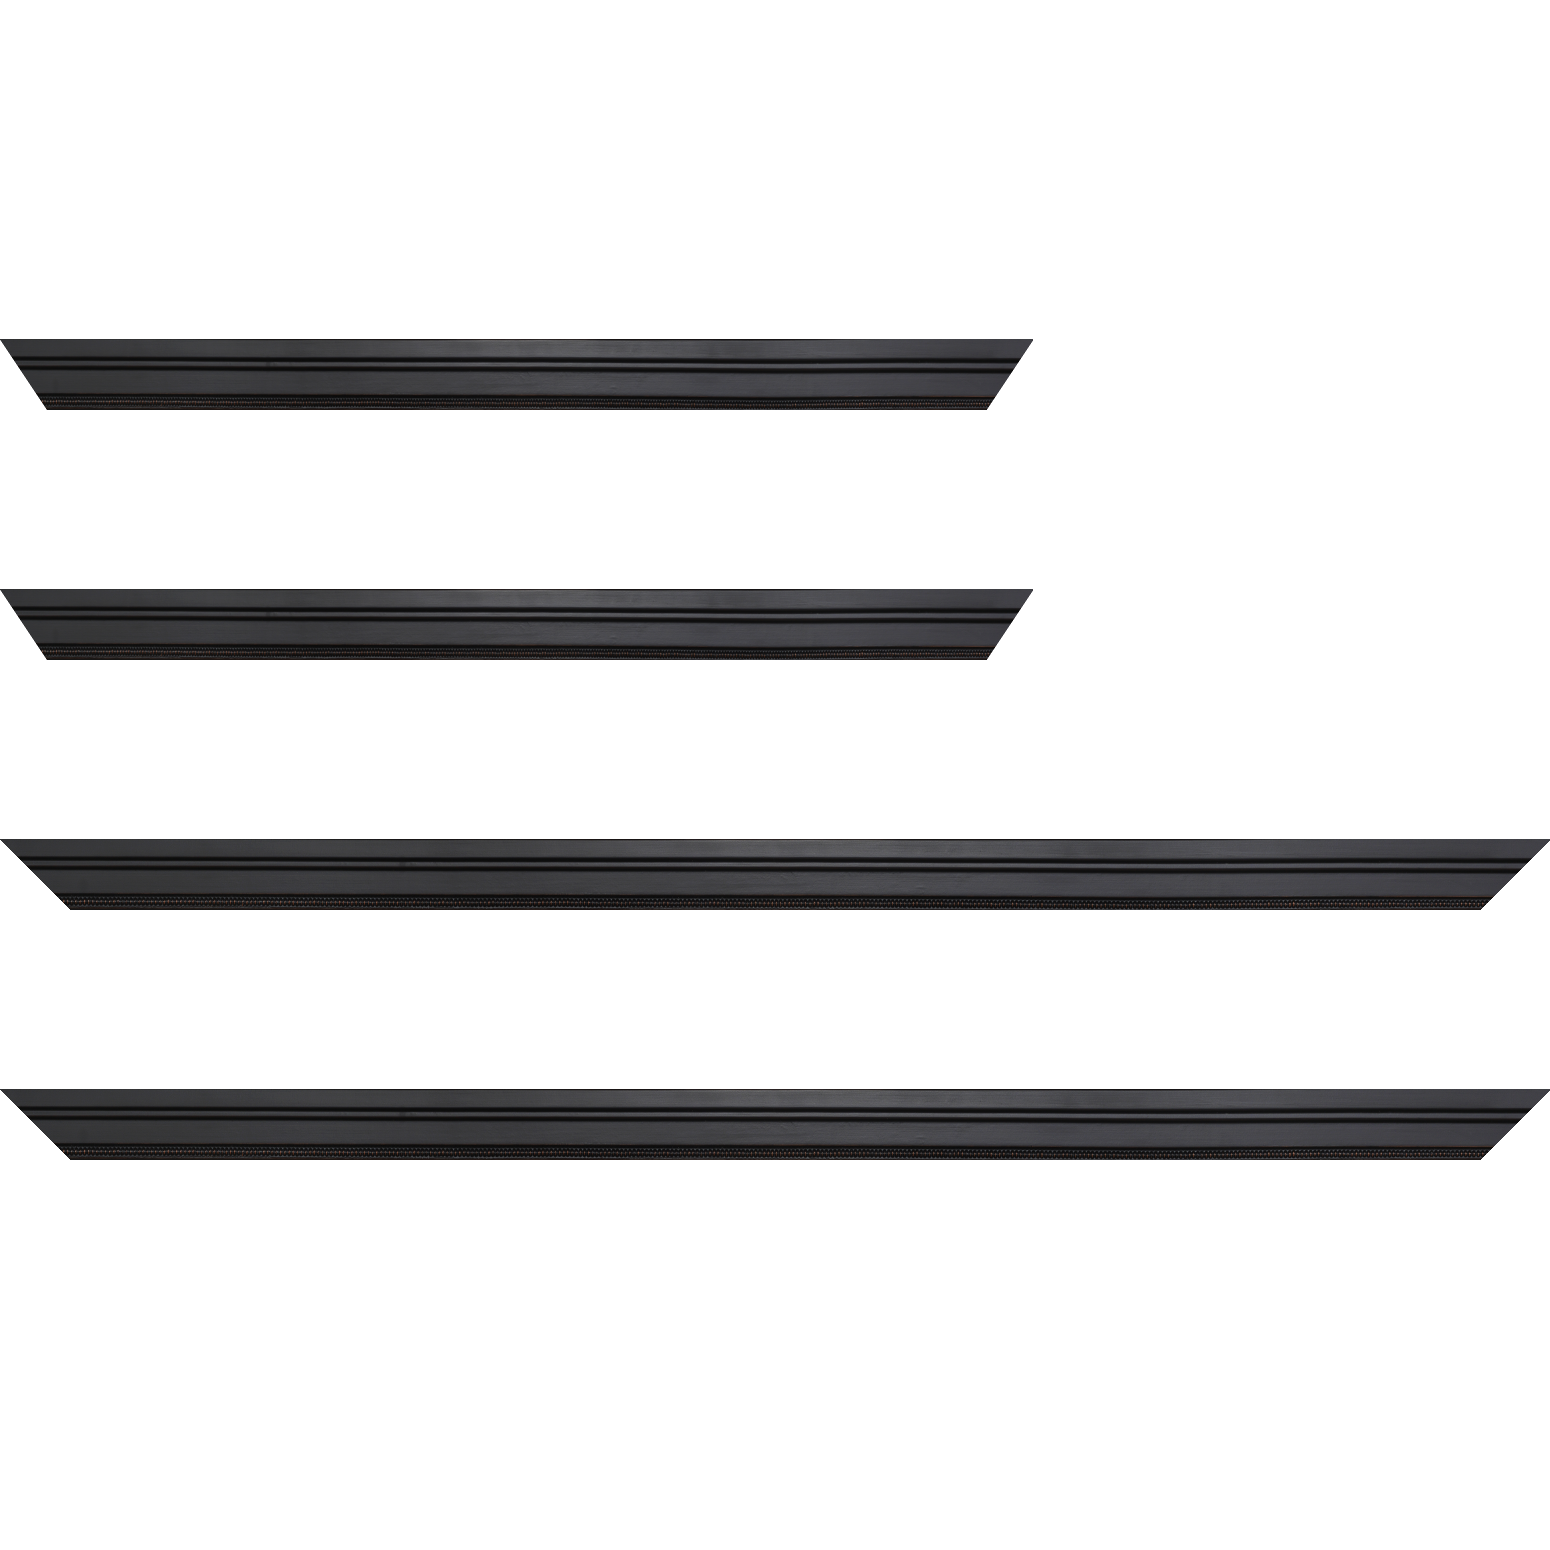 Baguette service précoupé Bois profil plat en étage largeur 2.2cm couleur noir ébène filet perle